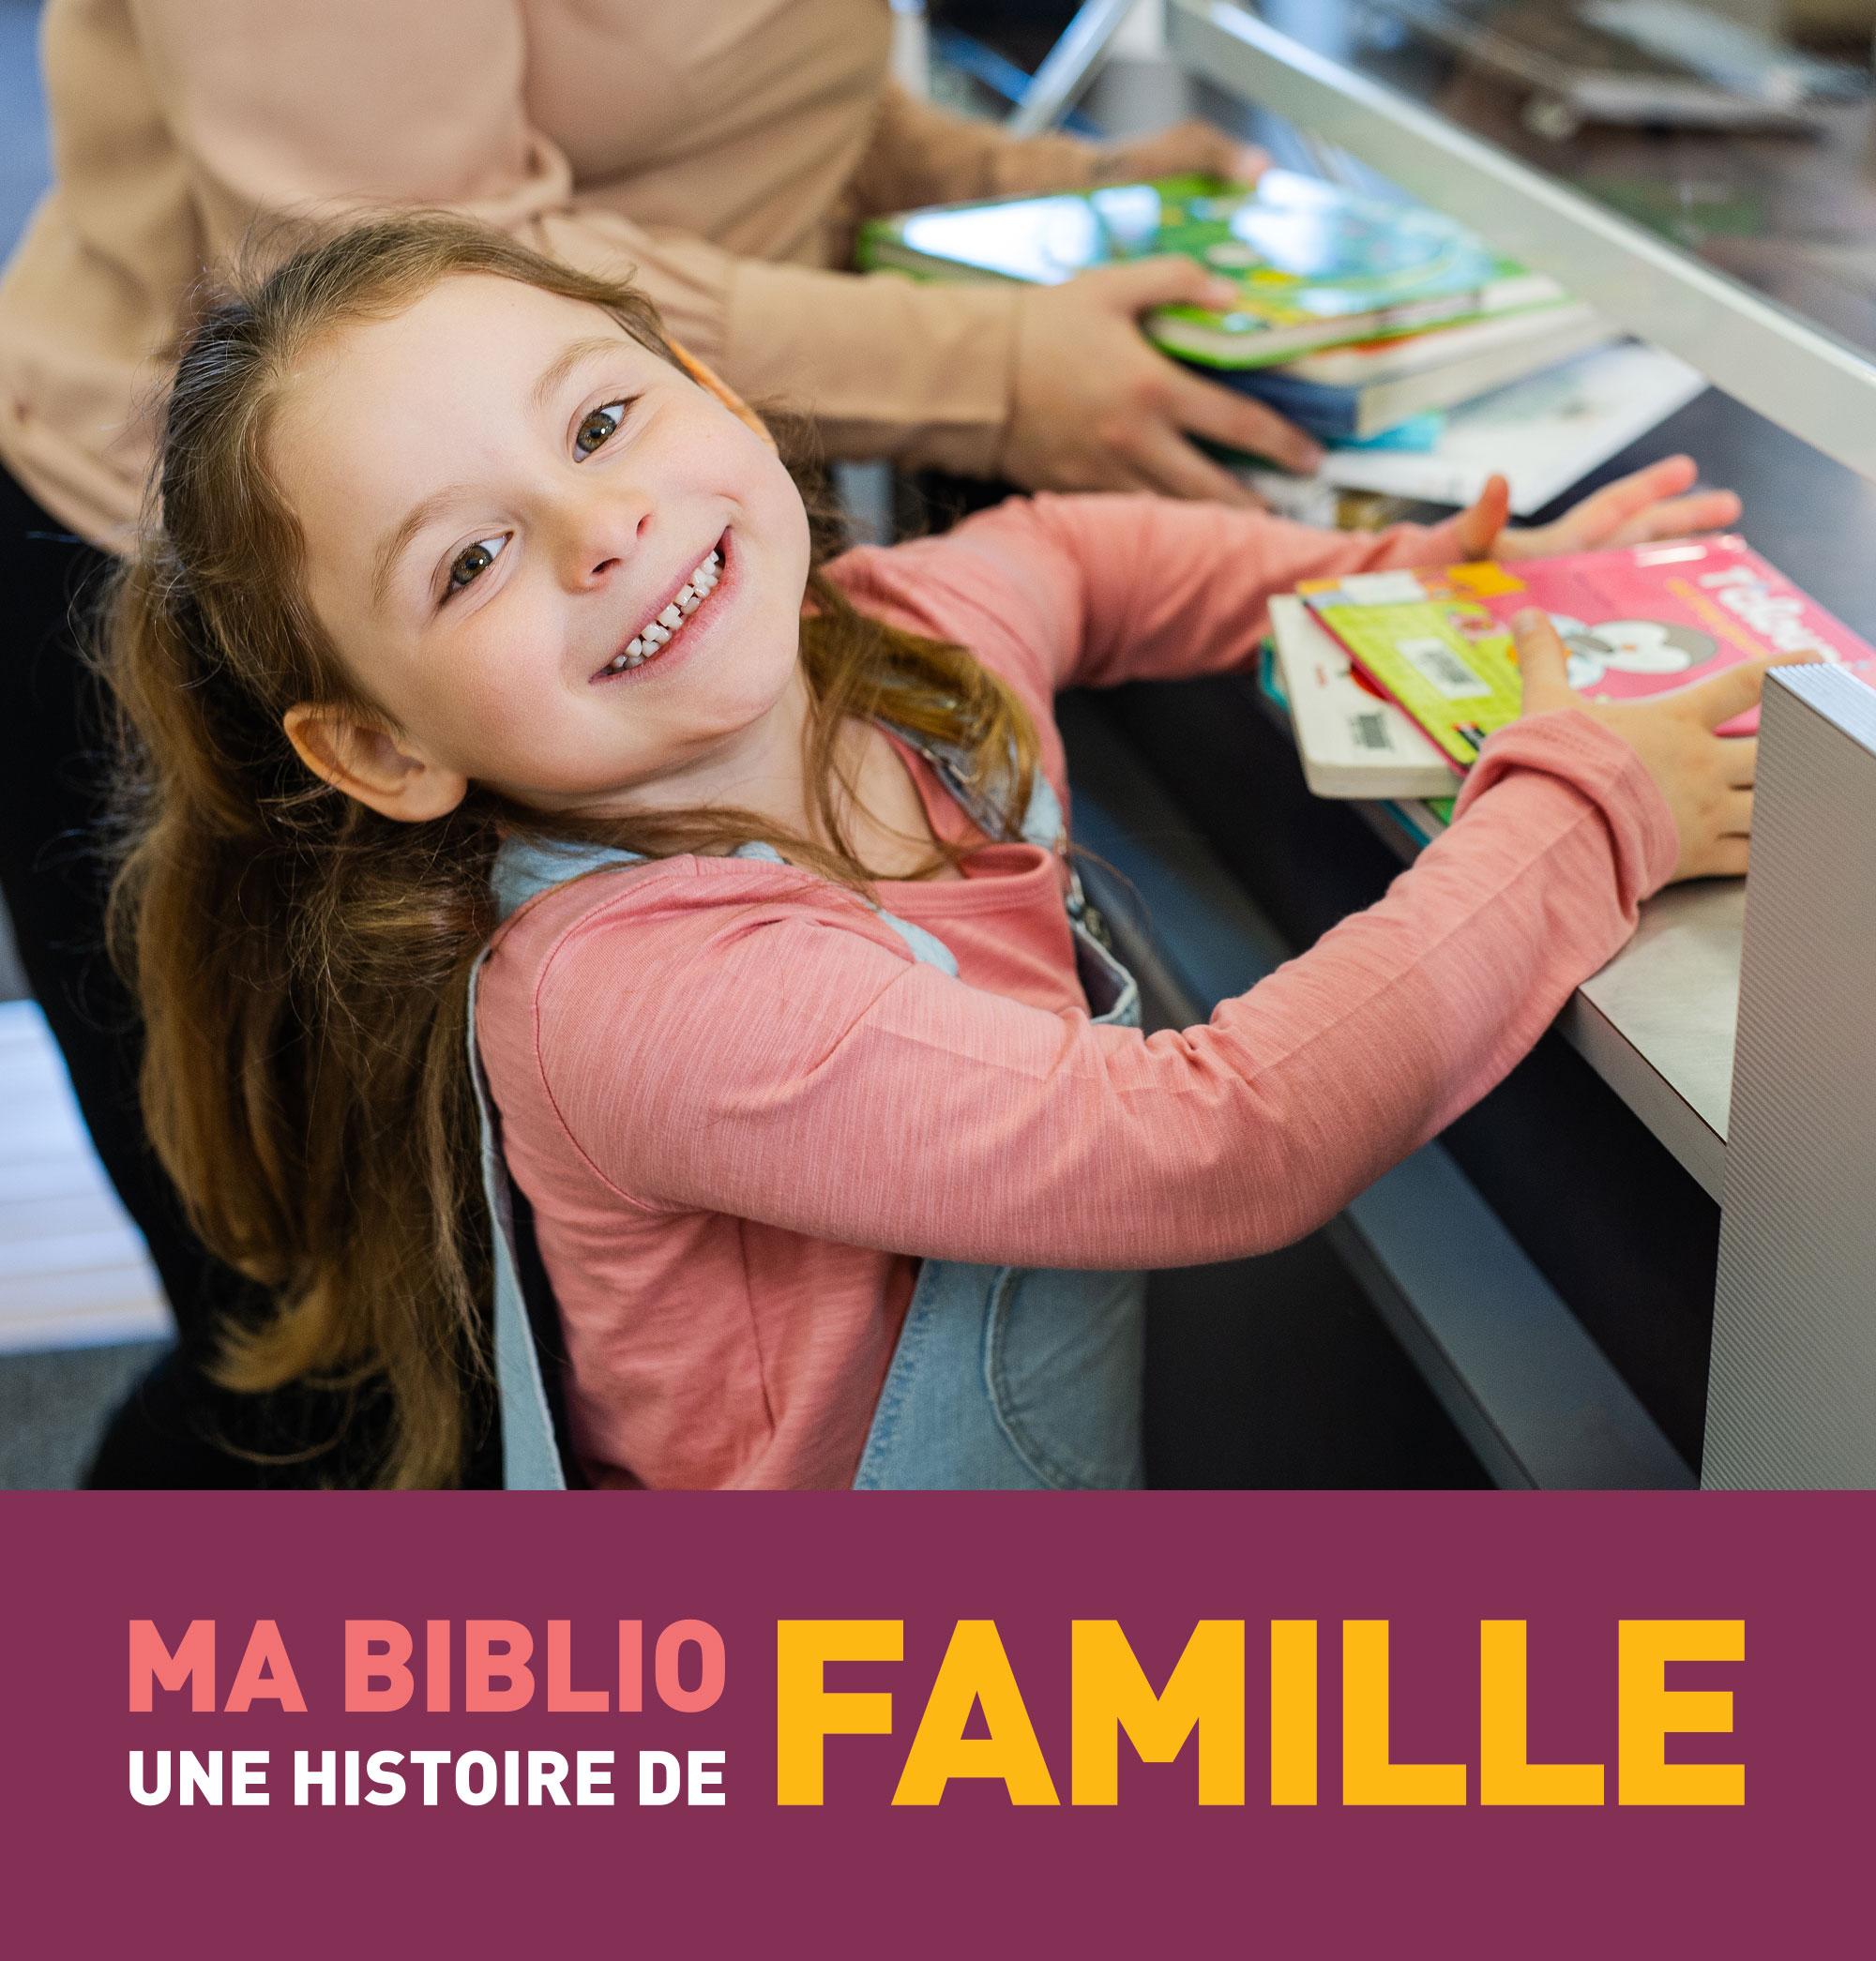 Semaine_des_biblio_publique.jpg (539 KB)